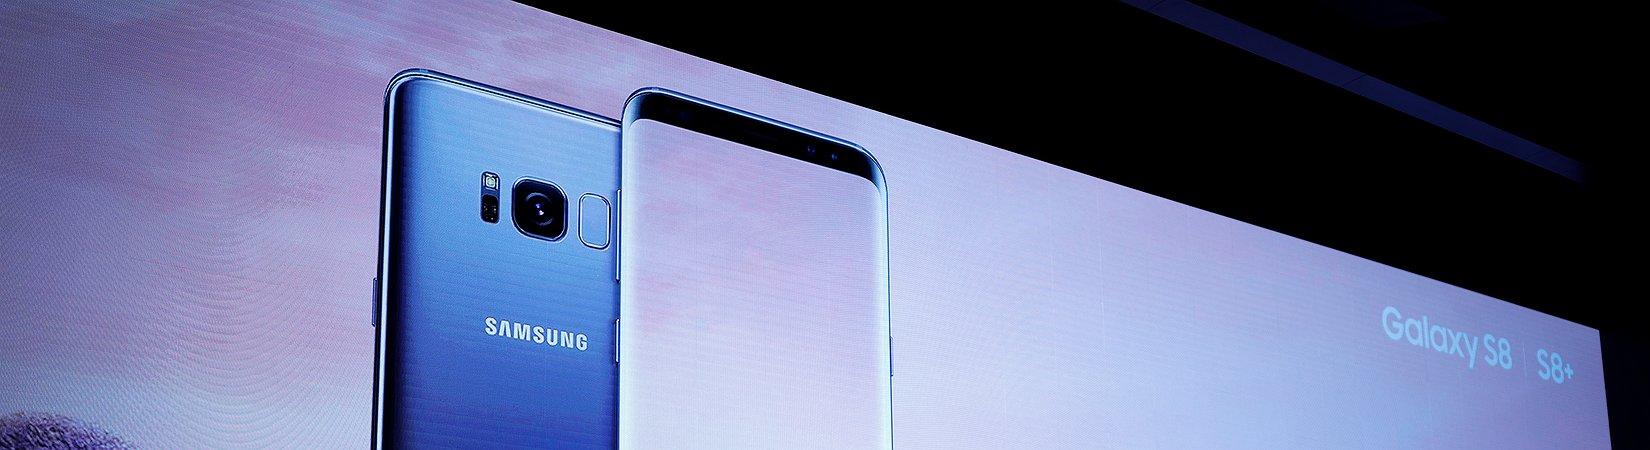 لماذا شاشة Samsung Galaxy S8 أفضل من شاشة iPhone